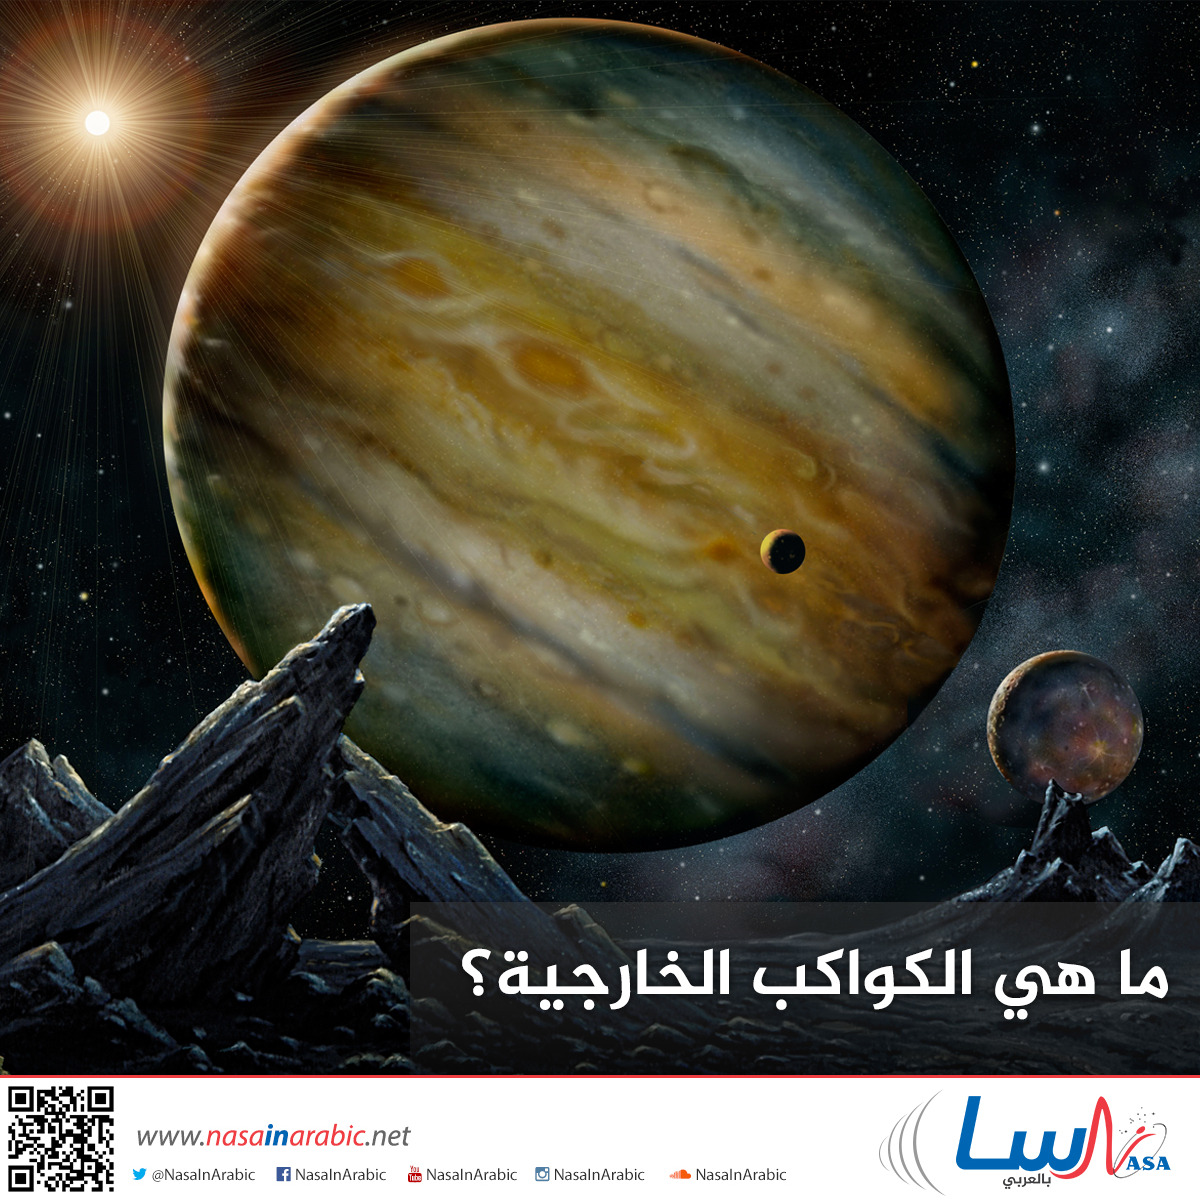 ما هي الكواكب الخارجية؟